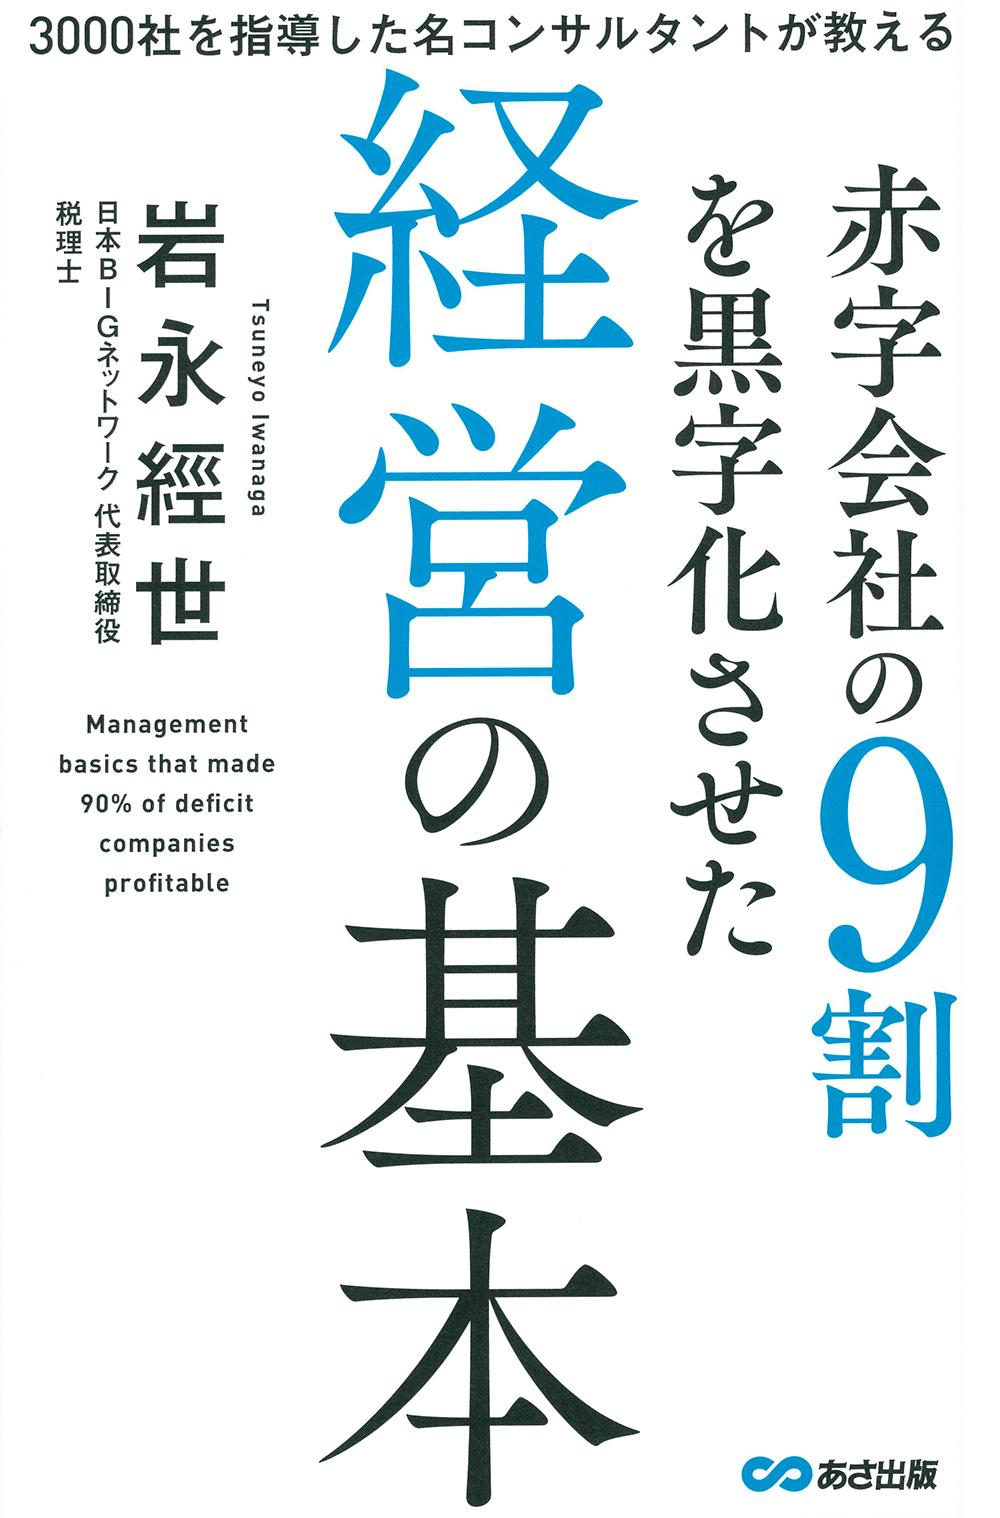 株式会社実務経営サービスの口コミ・評判(一覧)|エン ライトハウス ()